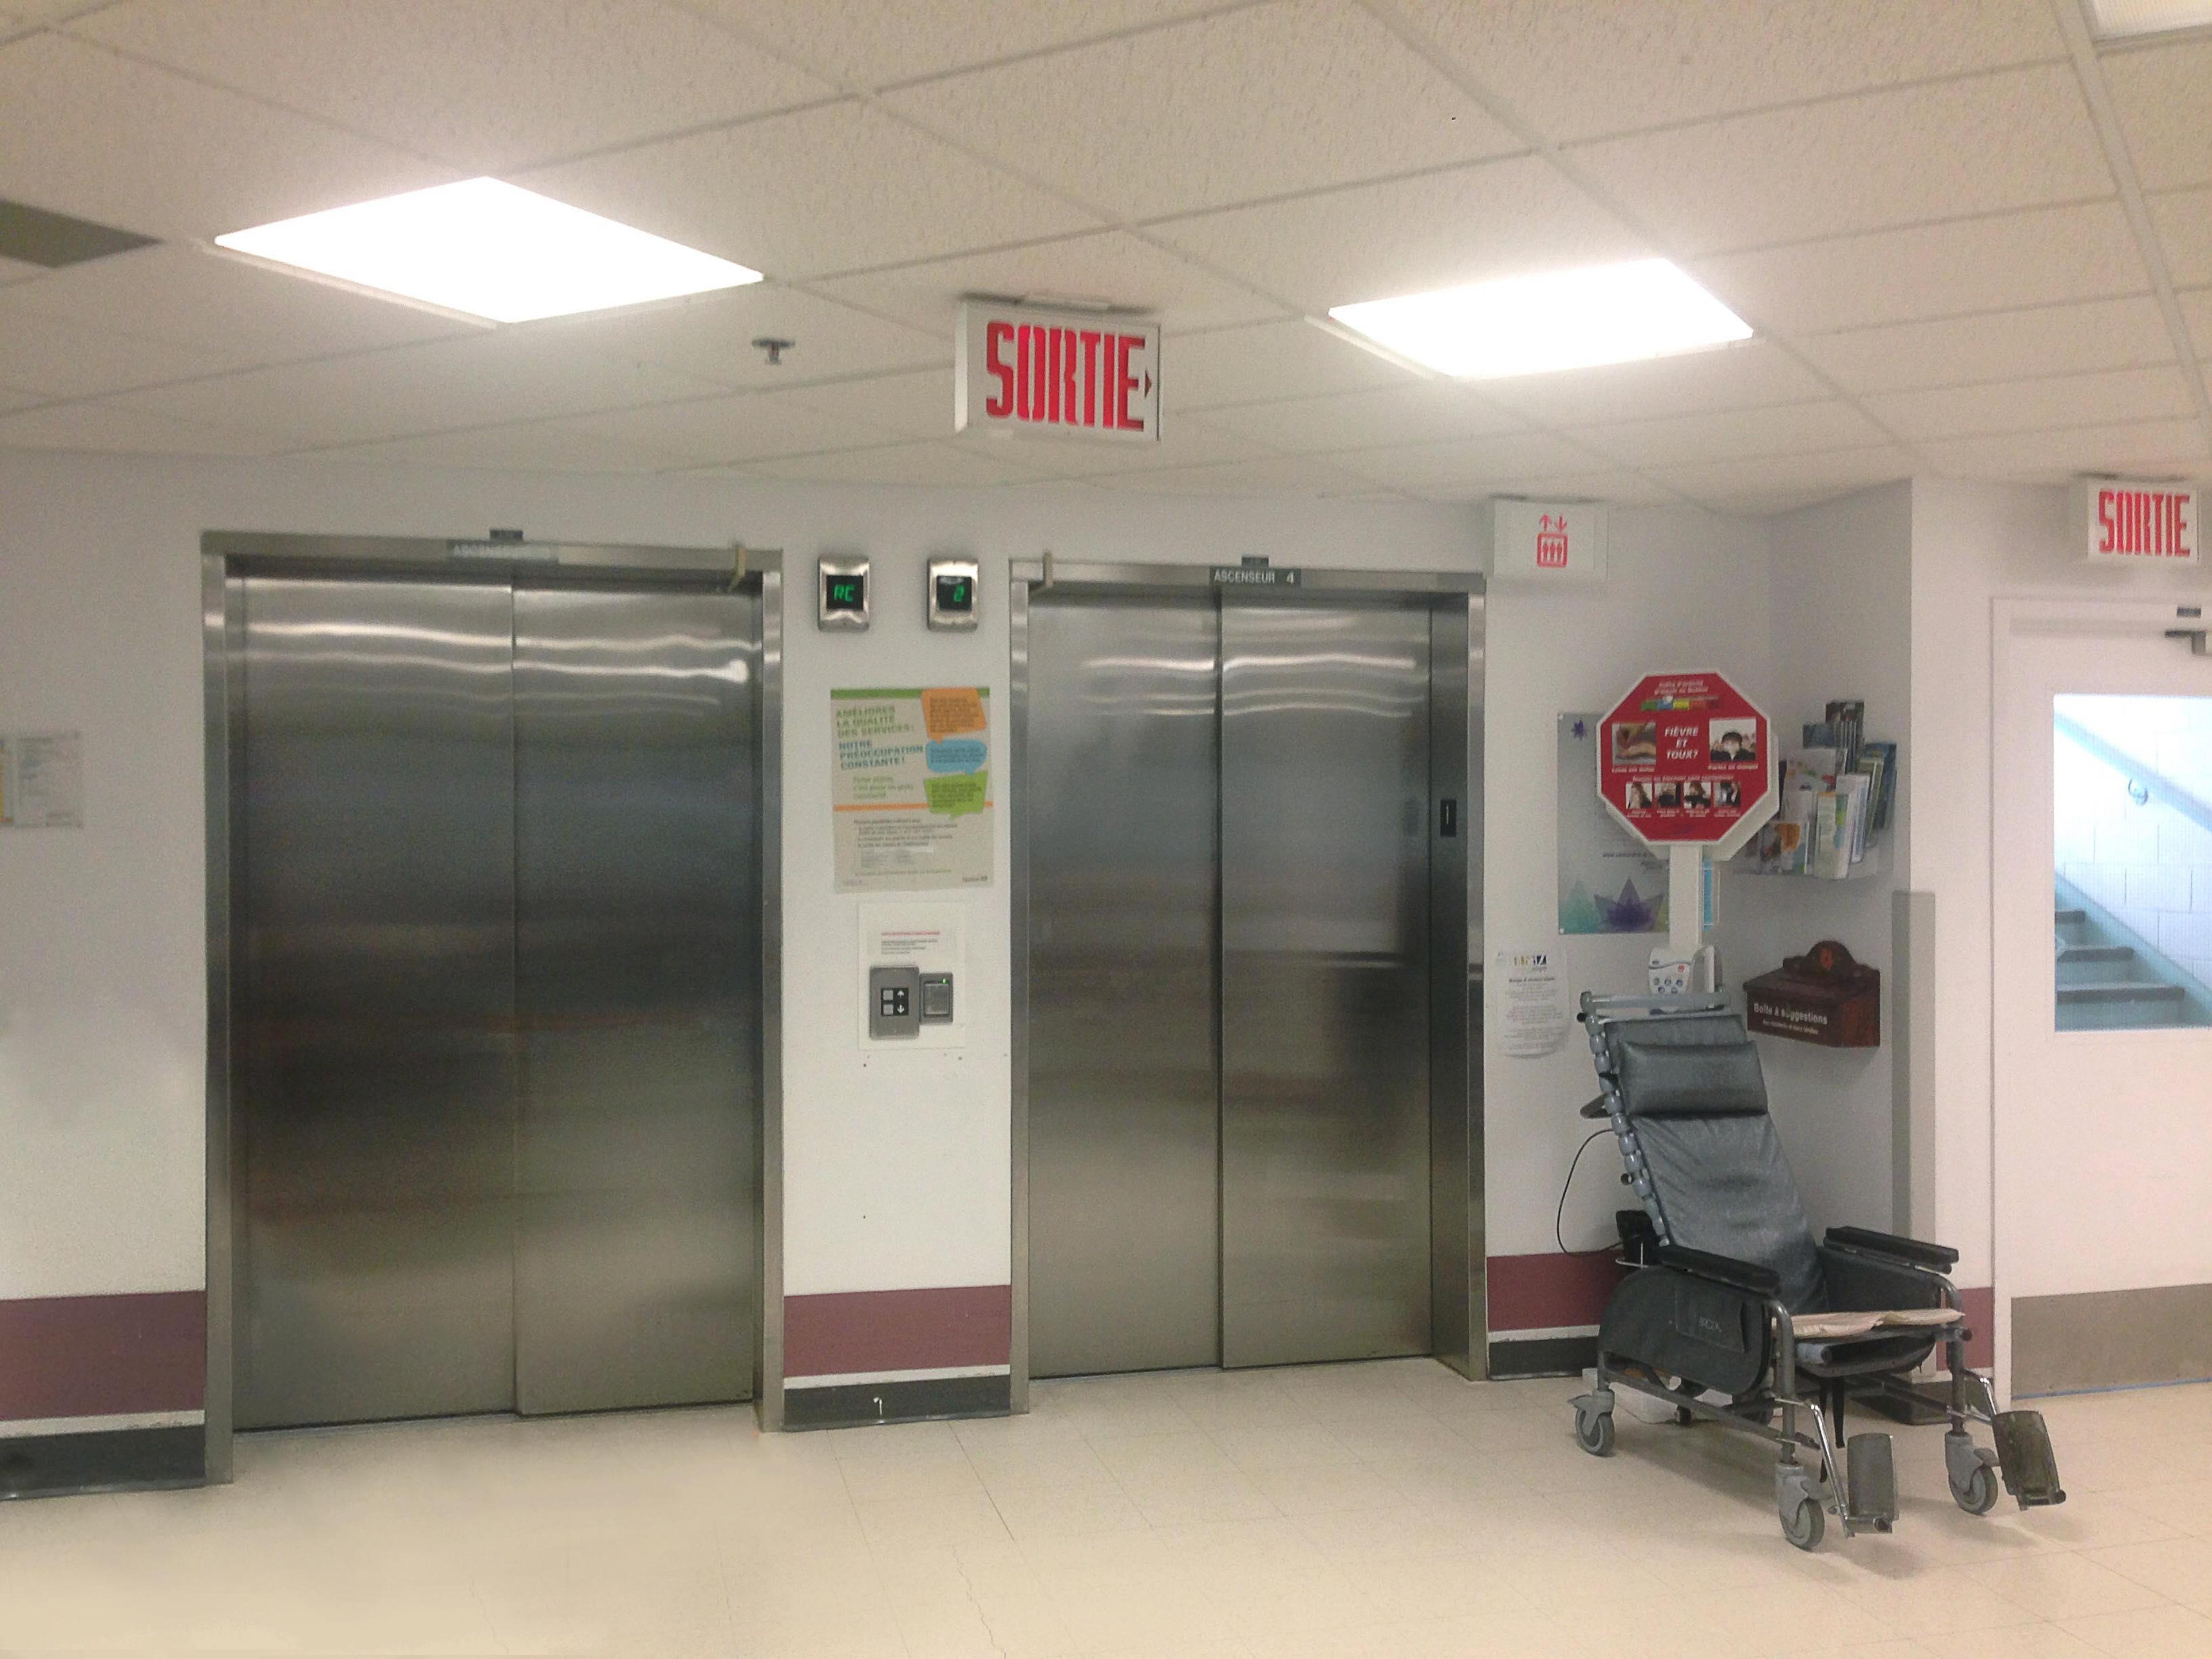 Des portes d'ascenseurs d'un CHSLD. Un fauteuil roulant se trouve à proximité.